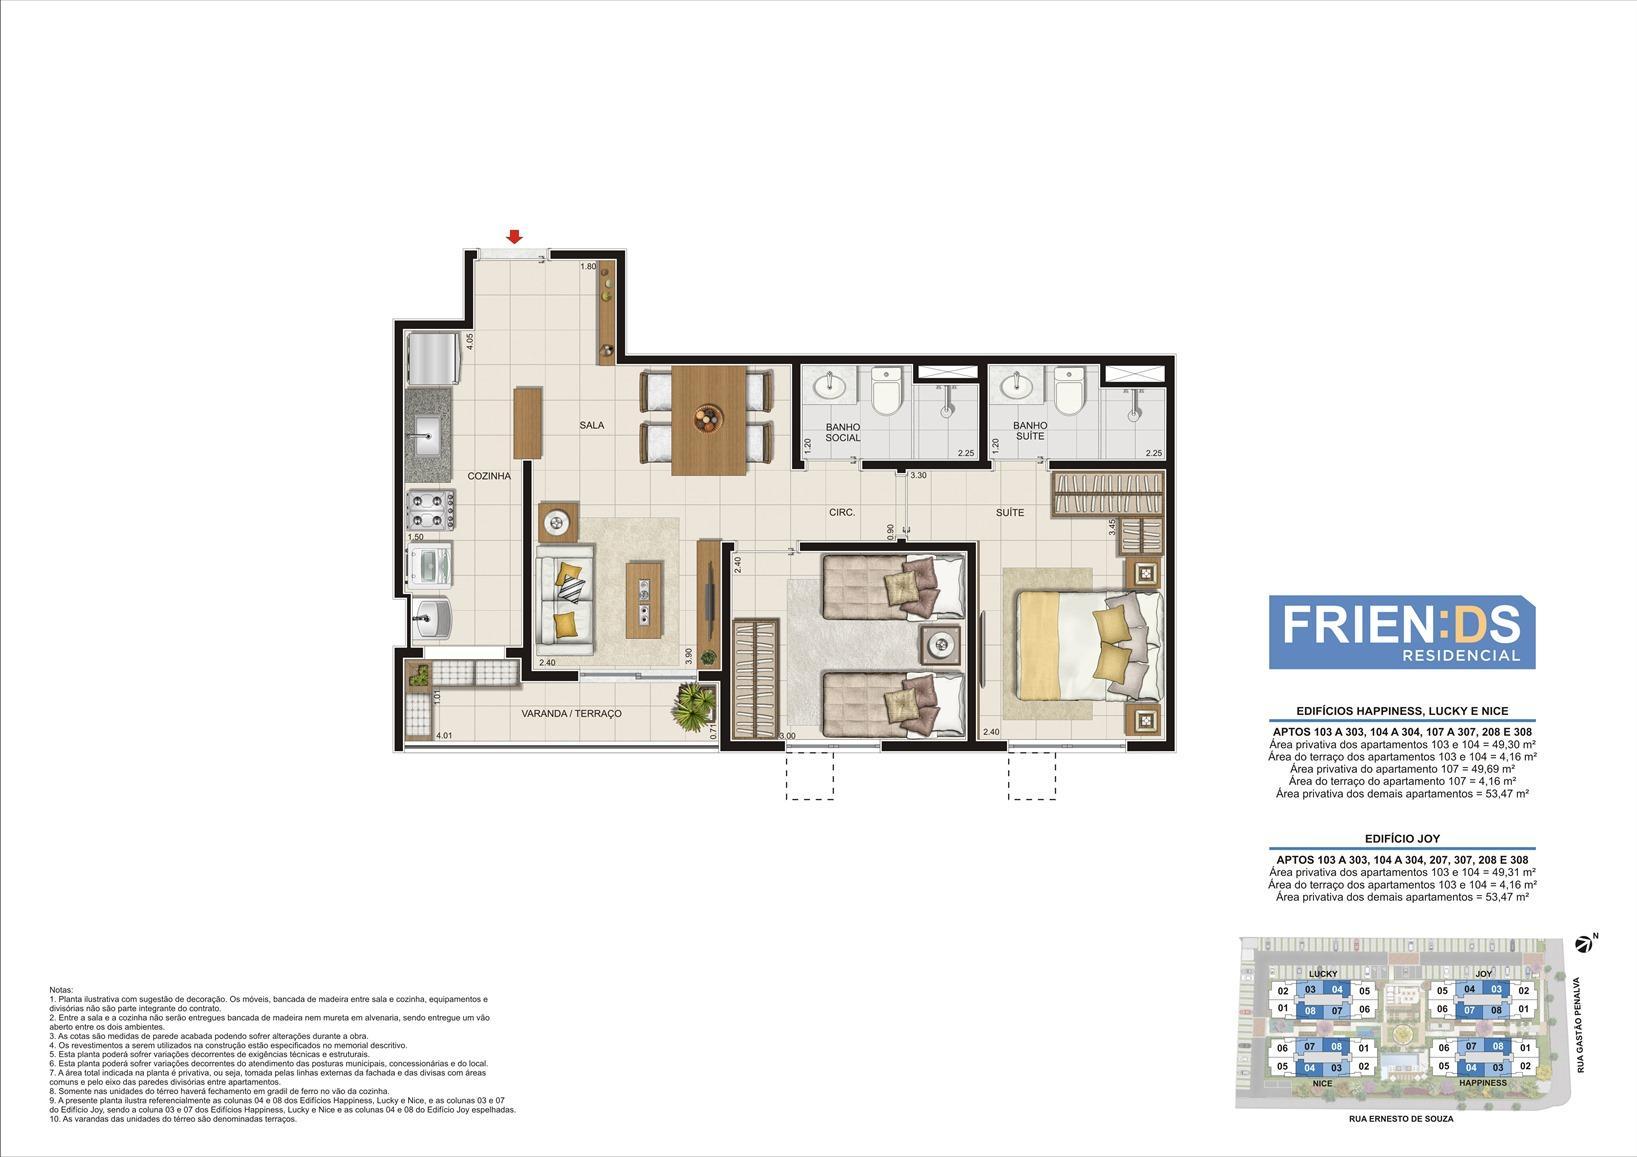 Edifícios Happiness, Lucky e Nice. Área privativa dos apartamentos 103 e 104 - 49,30m2. Área privativa do apartamento 107 - 49,59m2 Área privativa dos demais Apartamentos - 53,47m2 | Friends Residencial – Apartamento no  Andaraí - Rio de Janeiro - Rio de Janeiro